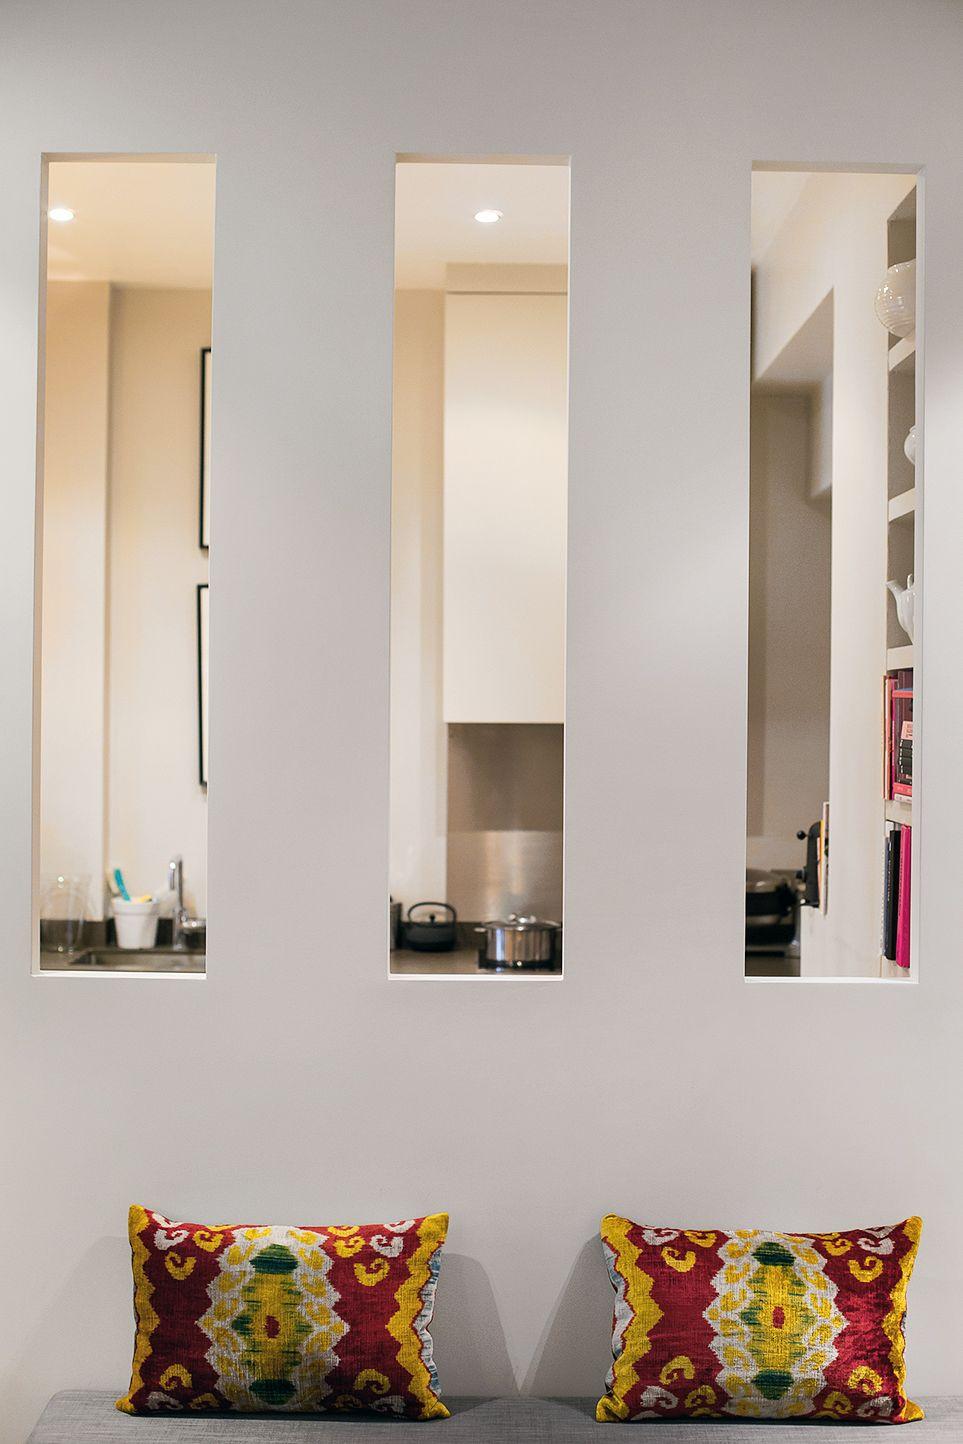 A Retro Inspired Parisian Apartment Deco Maison Interieur Decor Salon Maison Deco Entree Maison